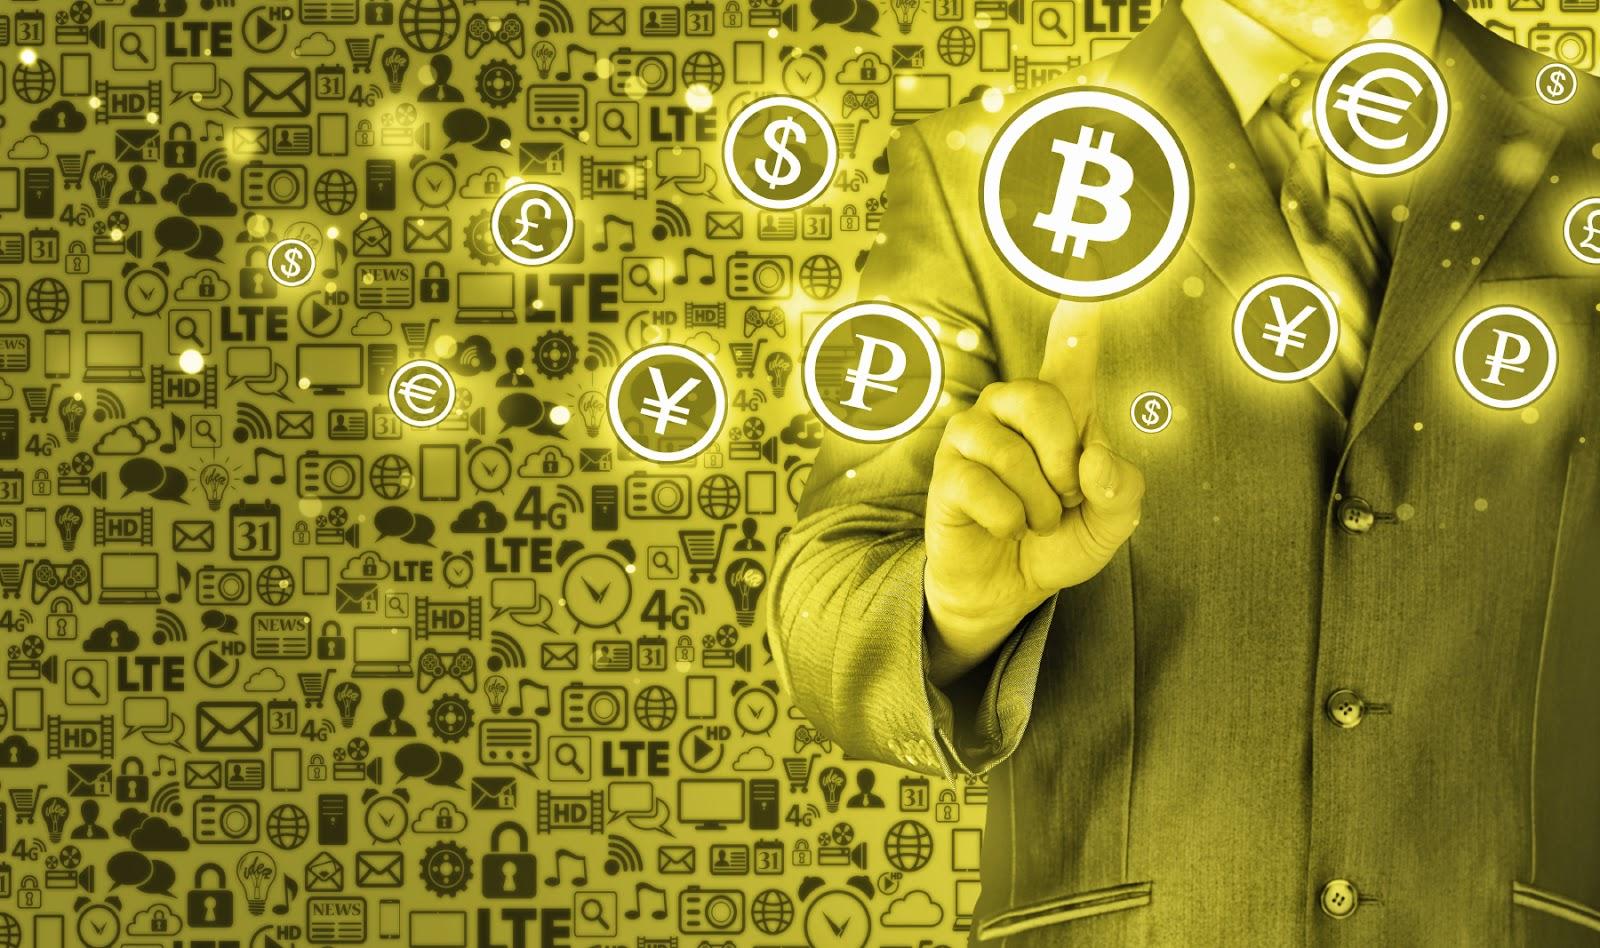 Bitcoin chto eto - Ведущие банки мира планируют запуск новой криптовалюты в 2018 году